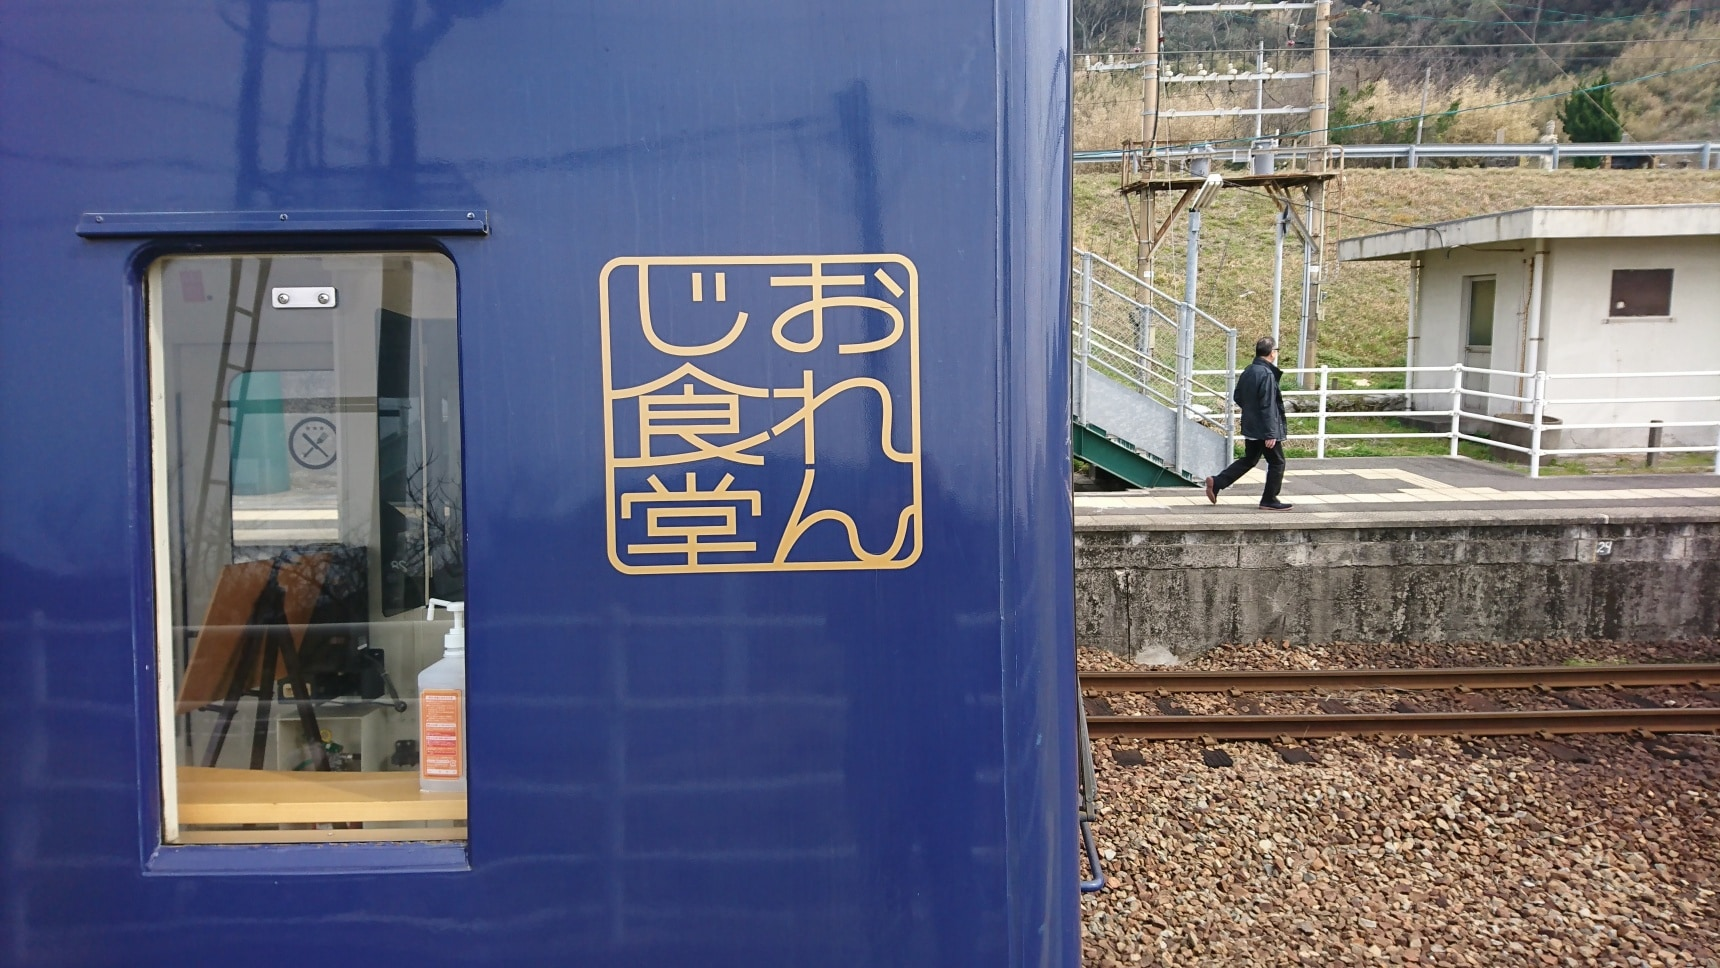 會跑的食堂?從鹿兒島吃到熊本「肥薩鐵道 橙食堂」體驗之旅